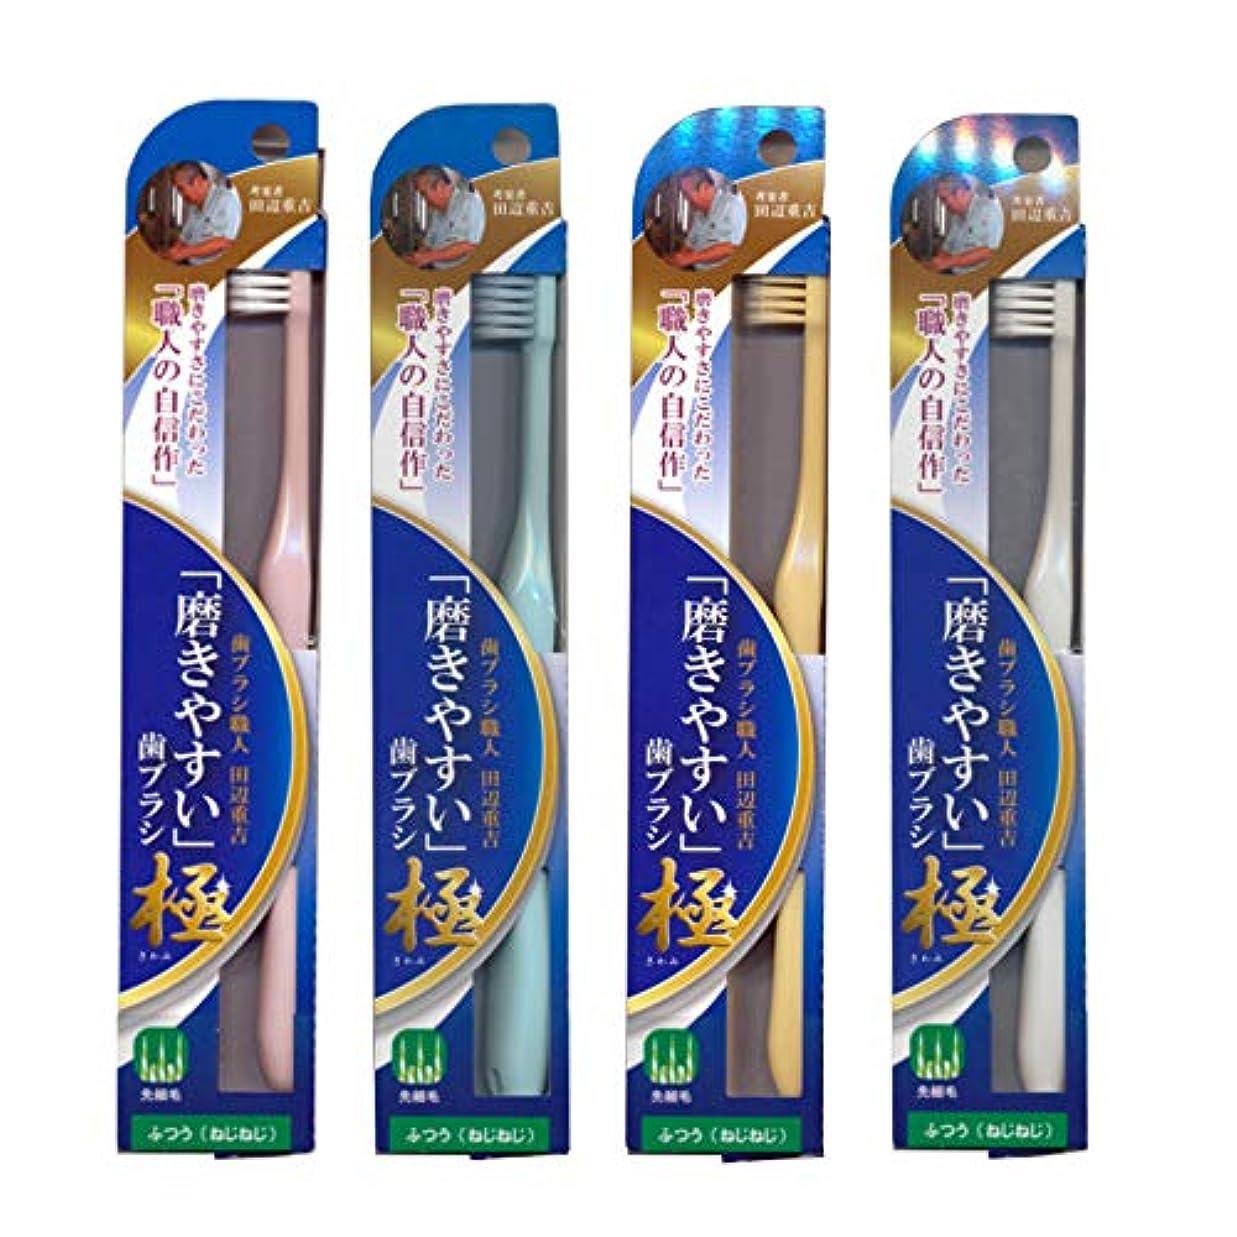 関係カウボーイ機構磨きやすい歯ブラシ極 (ふつう ねじねじ) LT-45×4本セット(ピンク×1、ブルー×1、ホワイト×1、イエロー×1) 先細毛